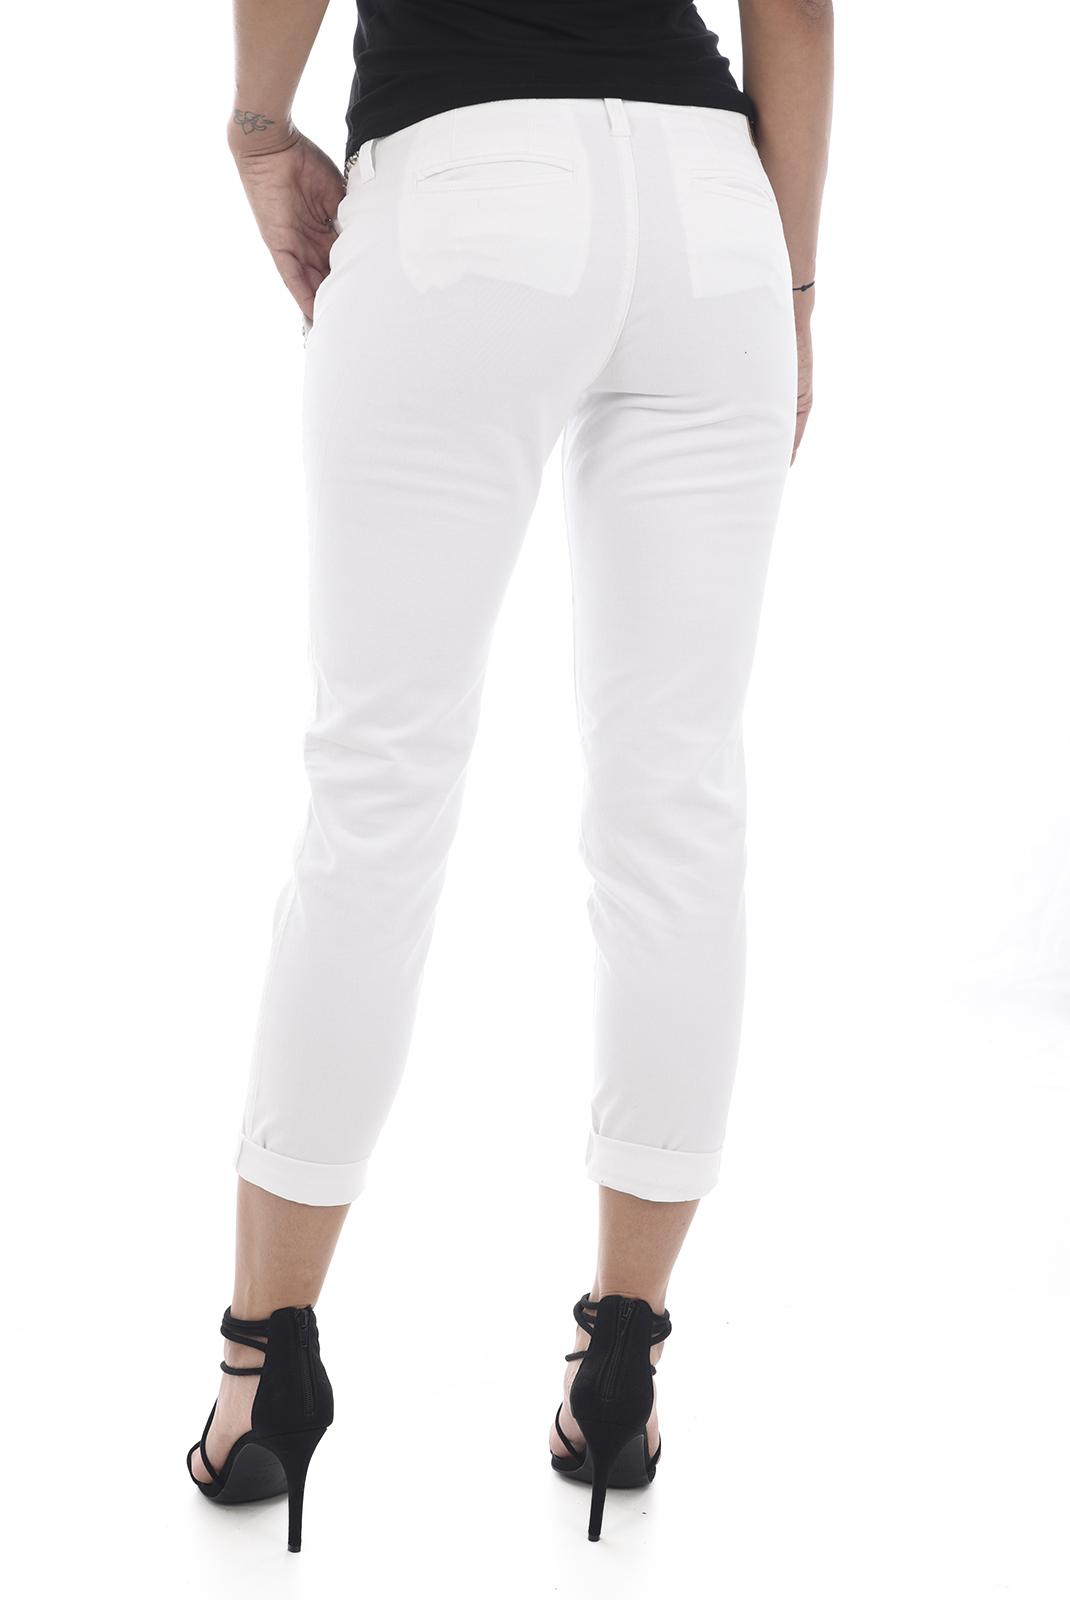 Pantalons  Guess jeans W72B47 W5DXE A000 TRUE WHITE